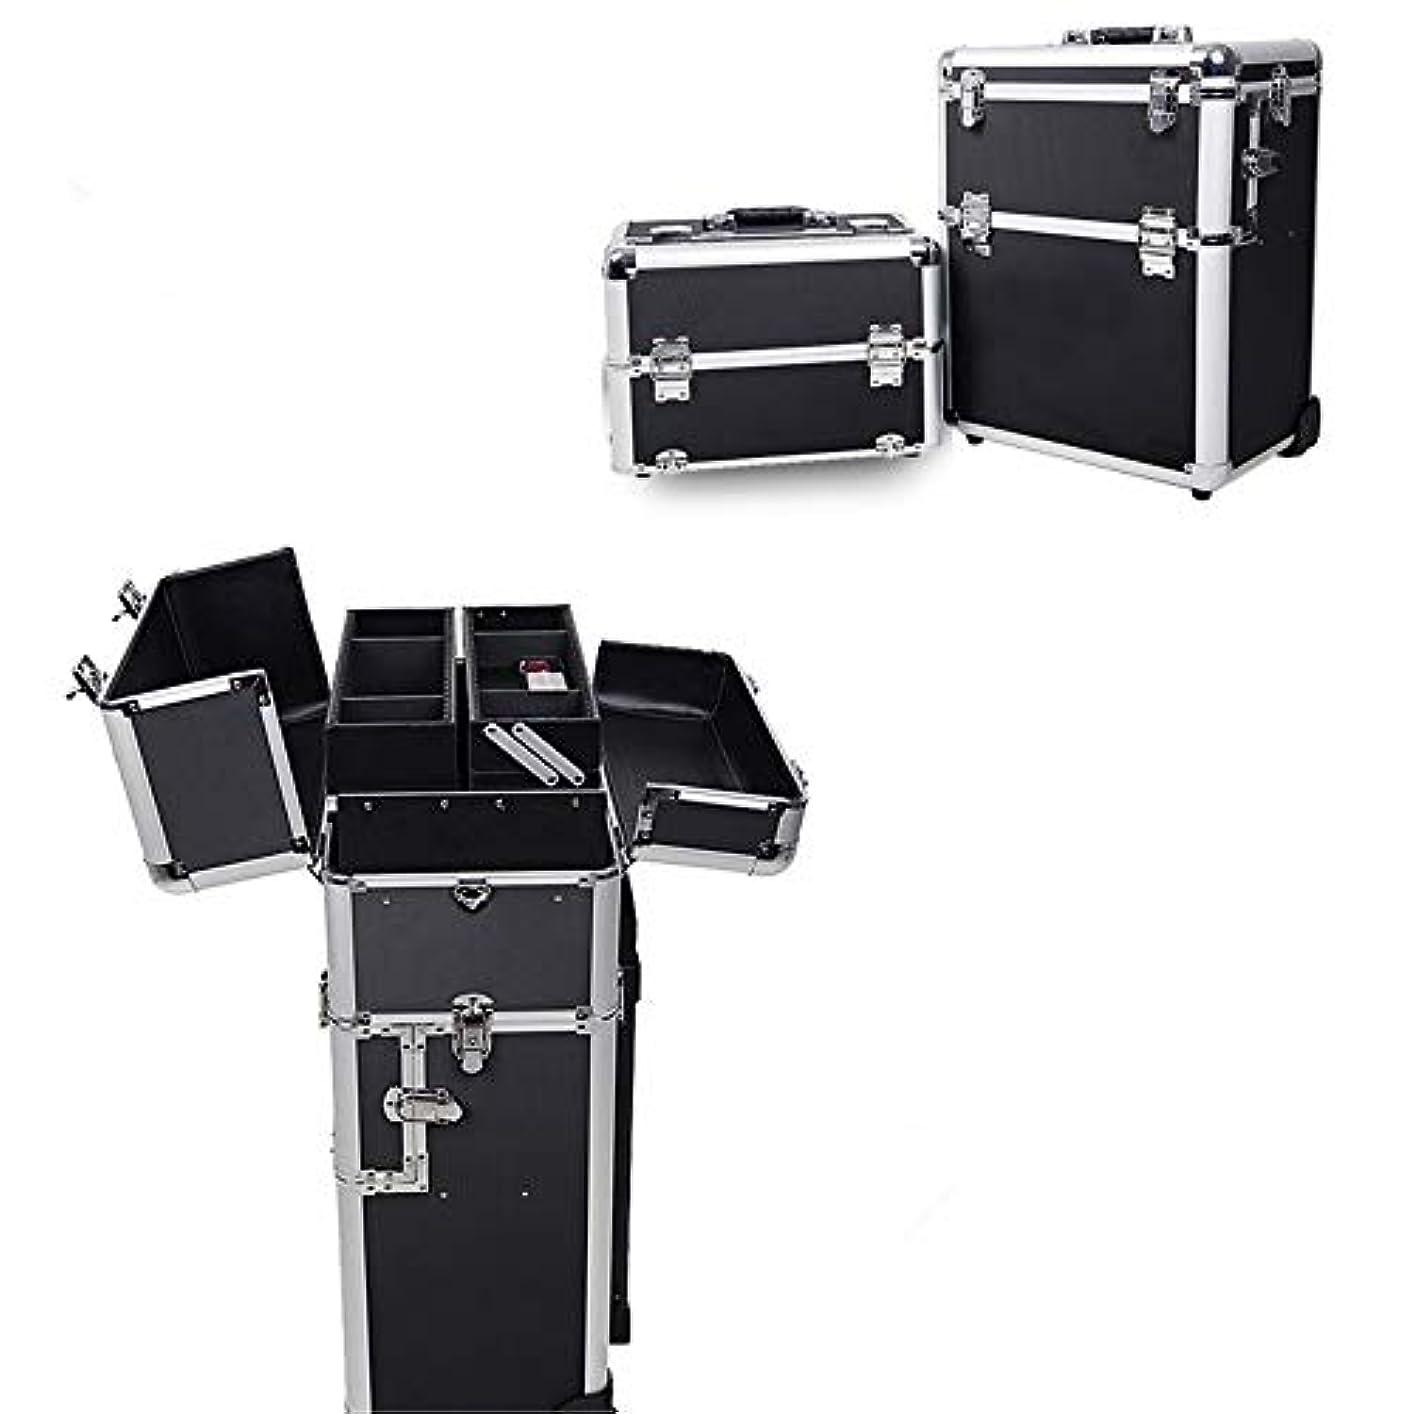 力悪行破壊的な化粧オーガナイザーバッグ 旅行メイクバッグ3層スーツケースメイク化粧品バッグポータブルトイレタージュ化粧ケース 化粧品ケース